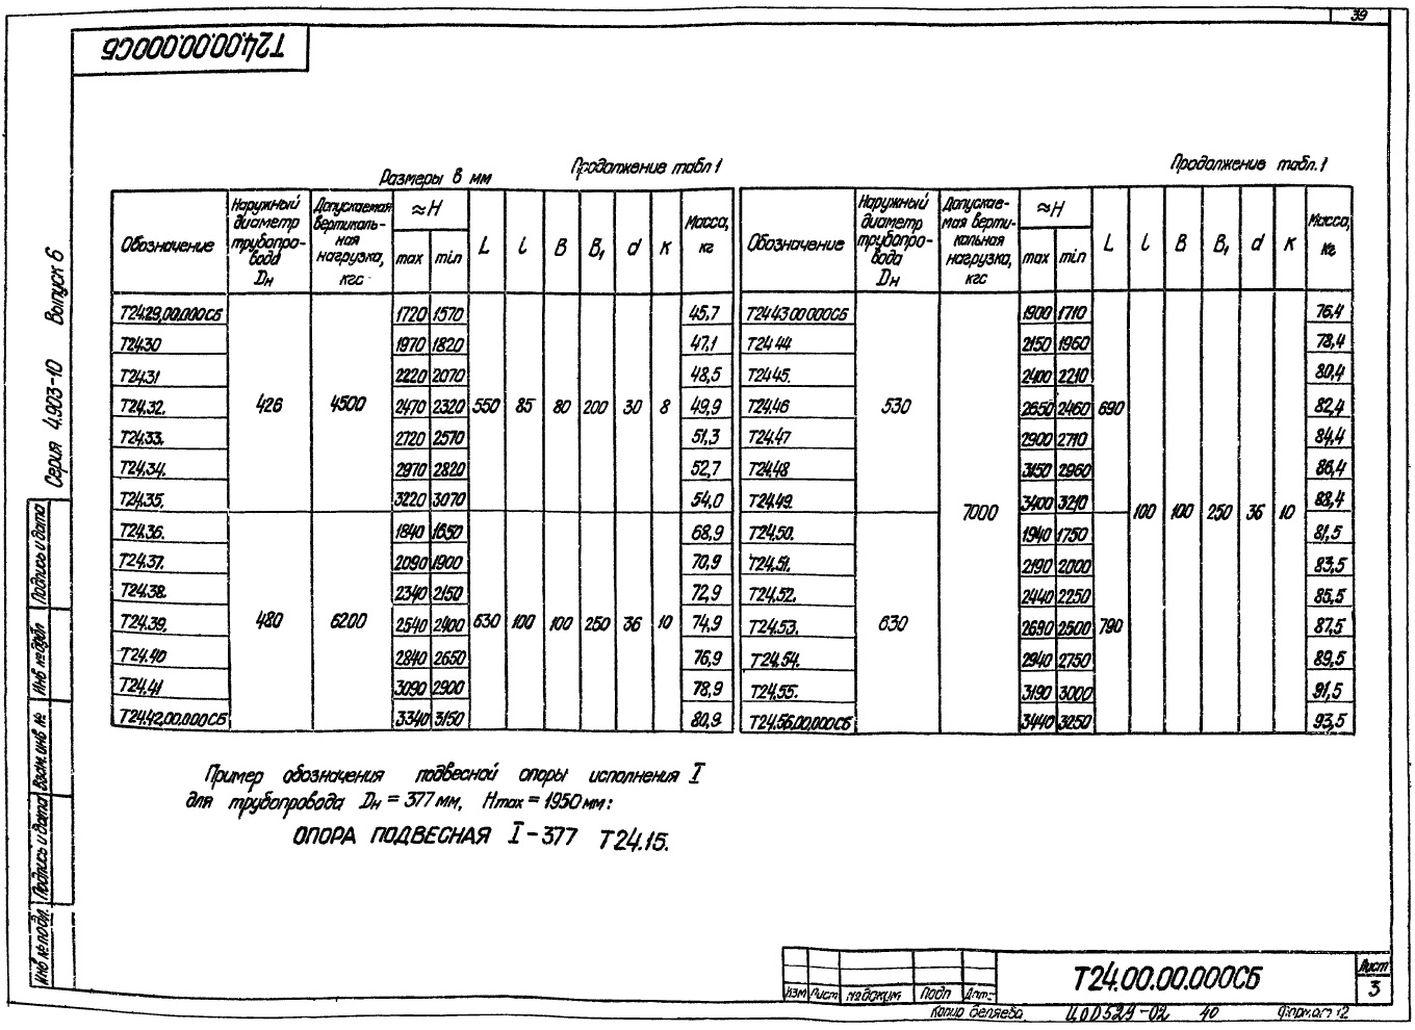 Опора подвижная жесткая Т24 с.4.903-10 вып.6 стр.3